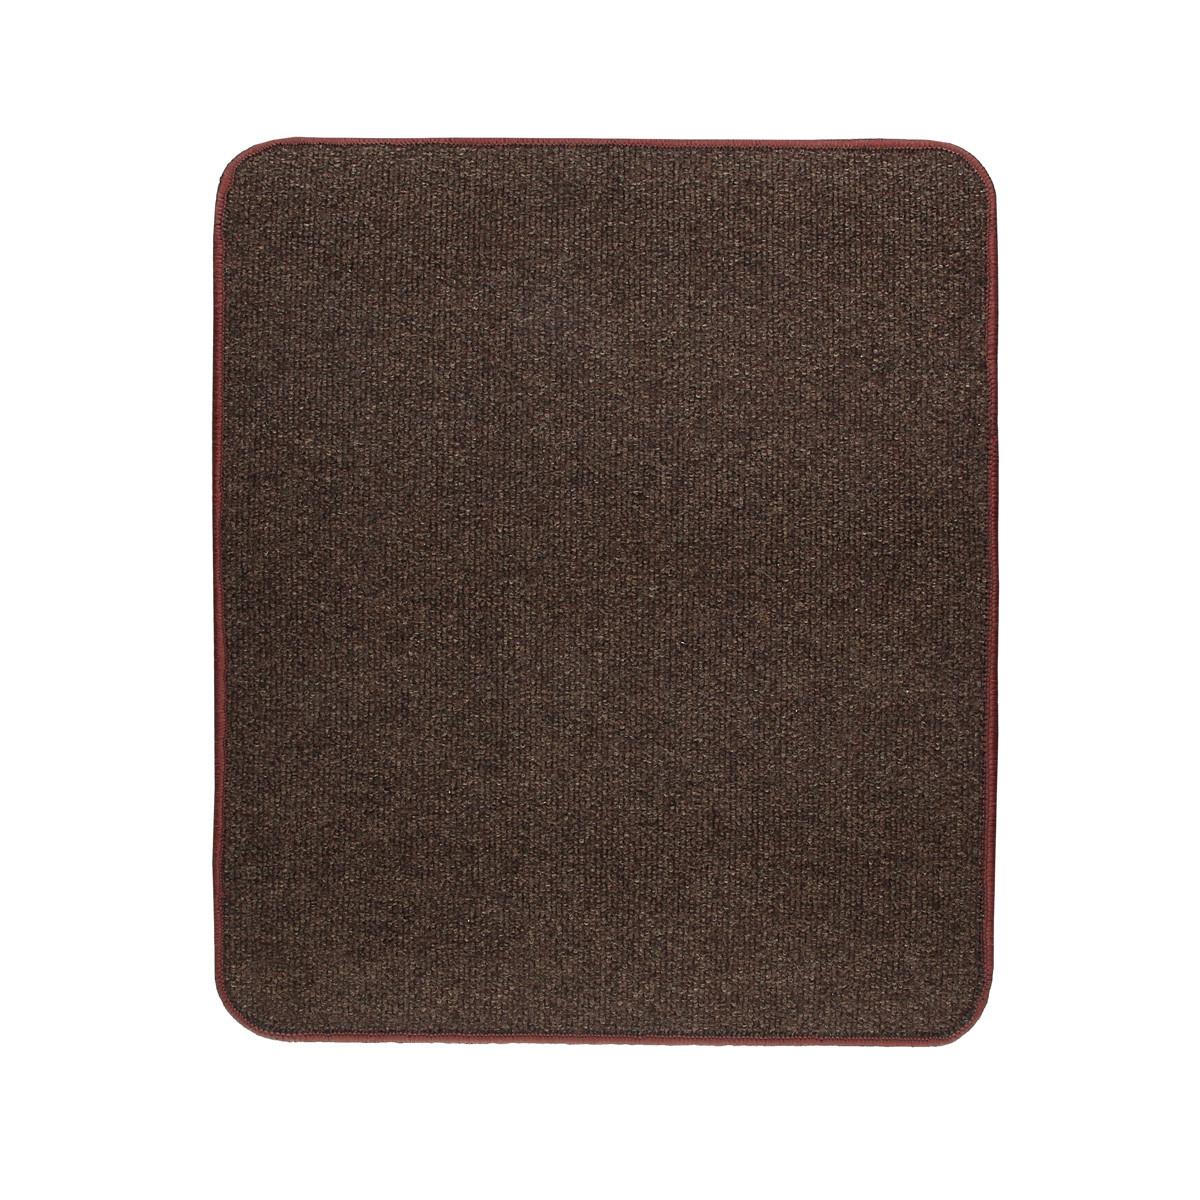 Электрический коврик с подогревом Теплик двусторонний 50 х 60 см Темно-коричневый